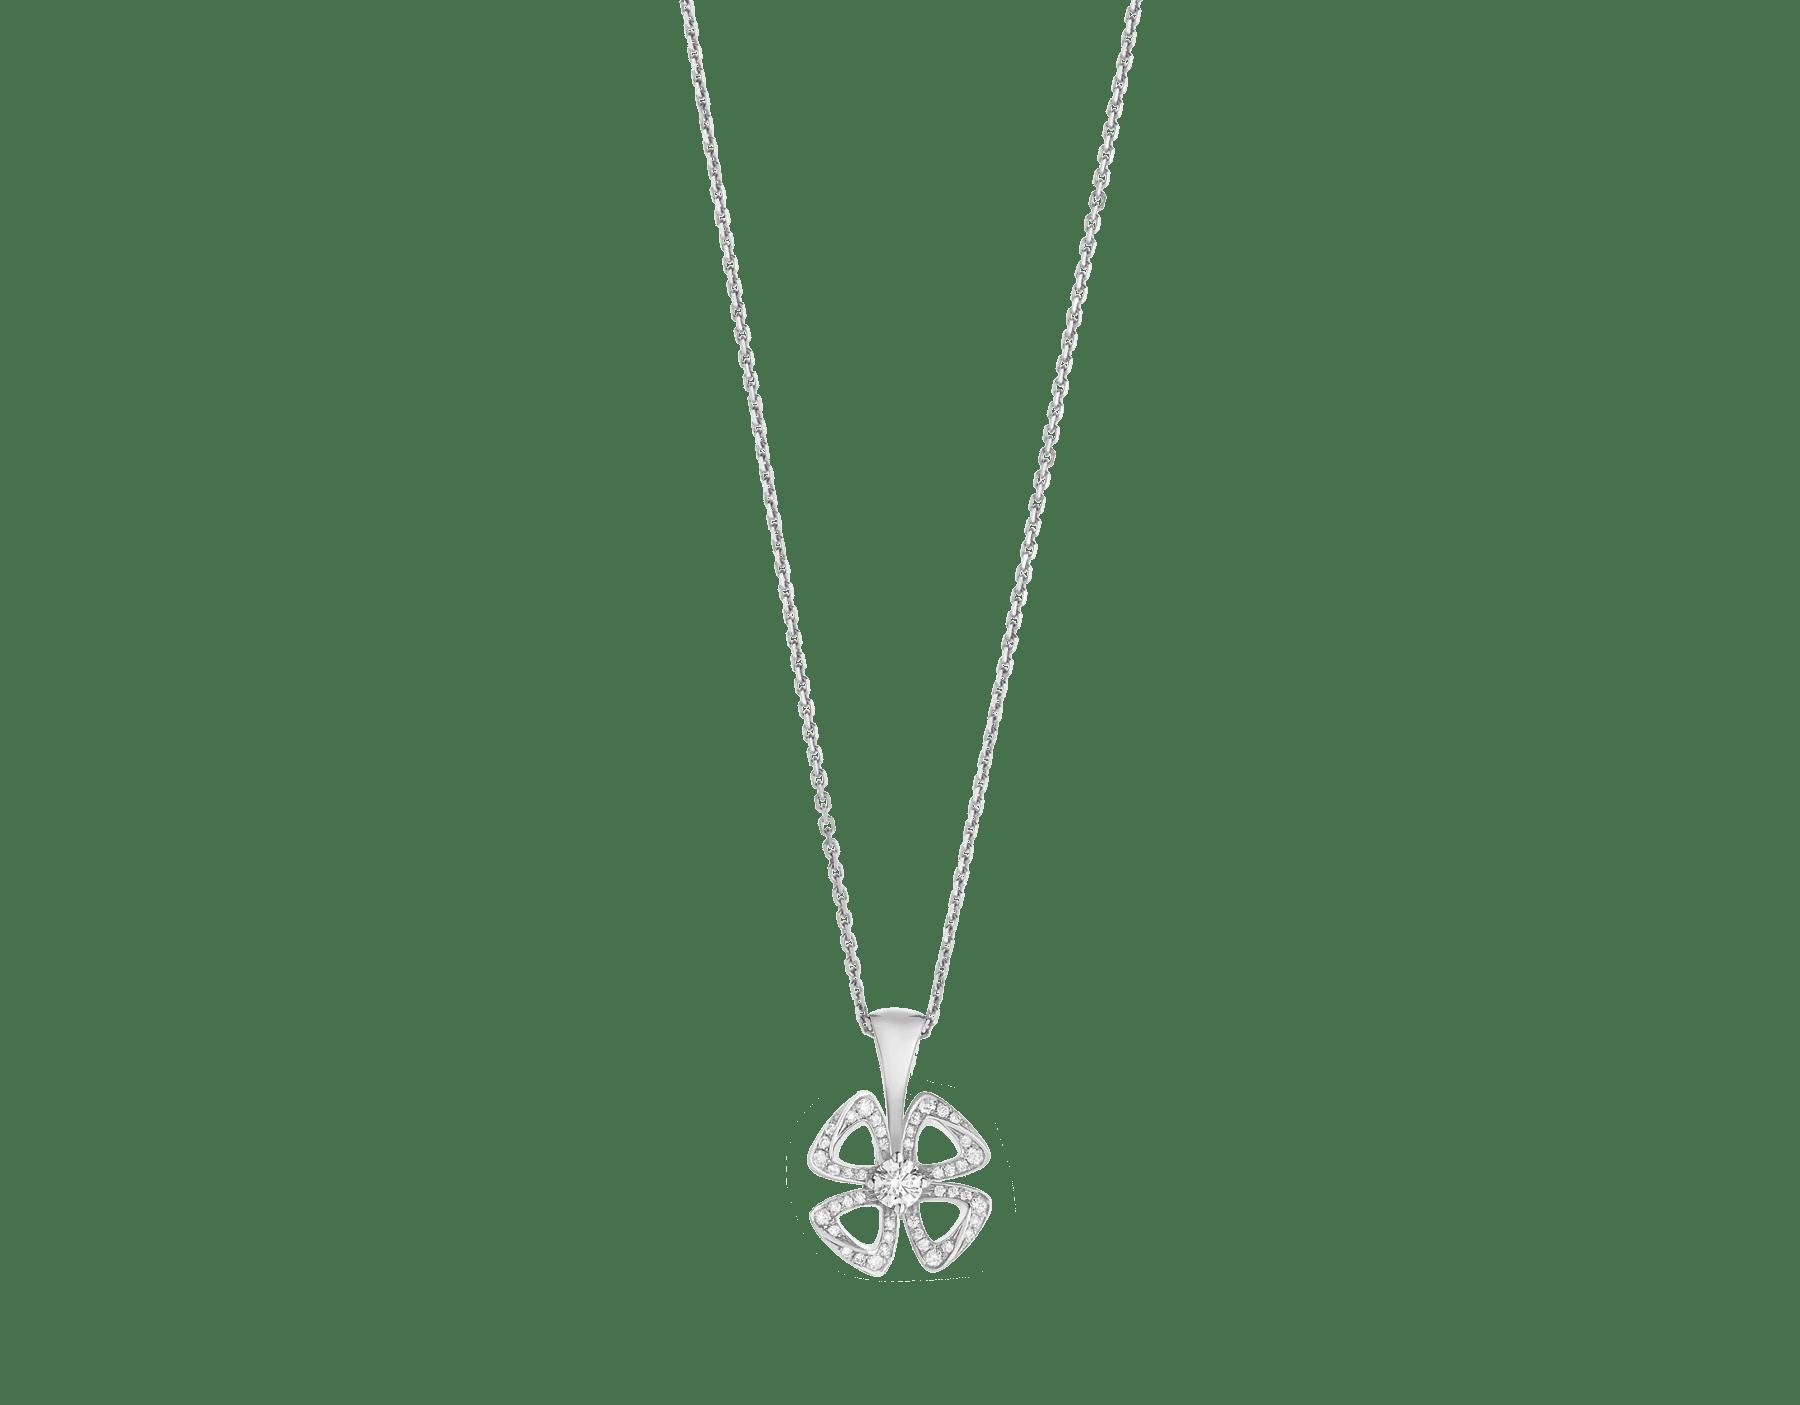 Colar Fiorever em ouro branco 18K cravejado com um diamante central lapidação brilhante (0,10ct) e pavê de diamantes (0,06ct) 358157 image 1